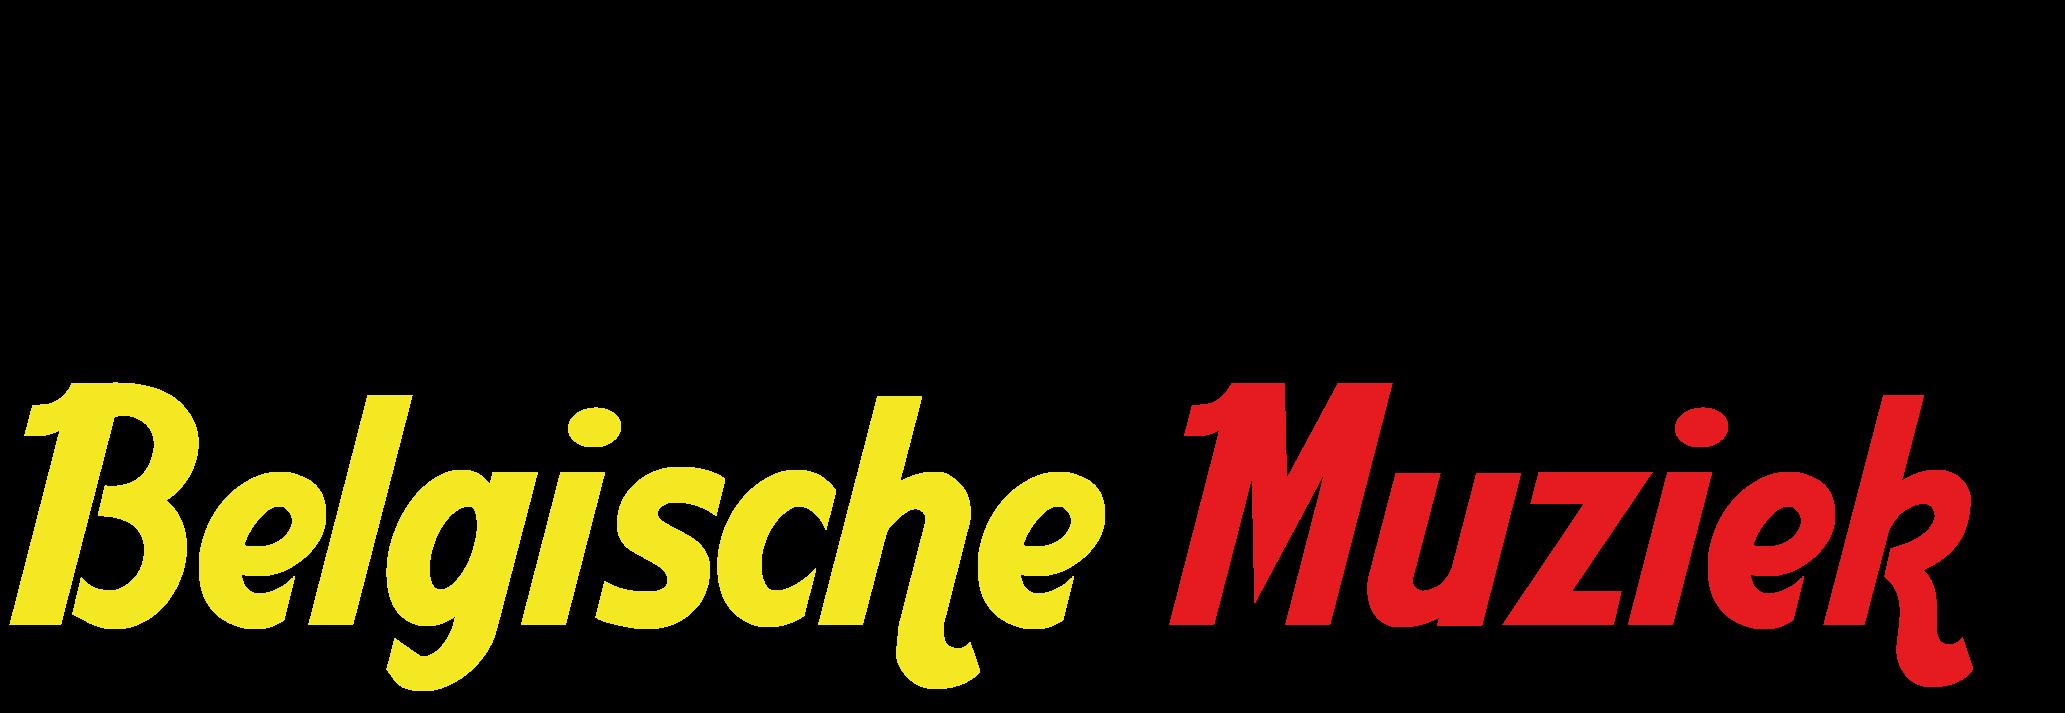 Belgische Muziek